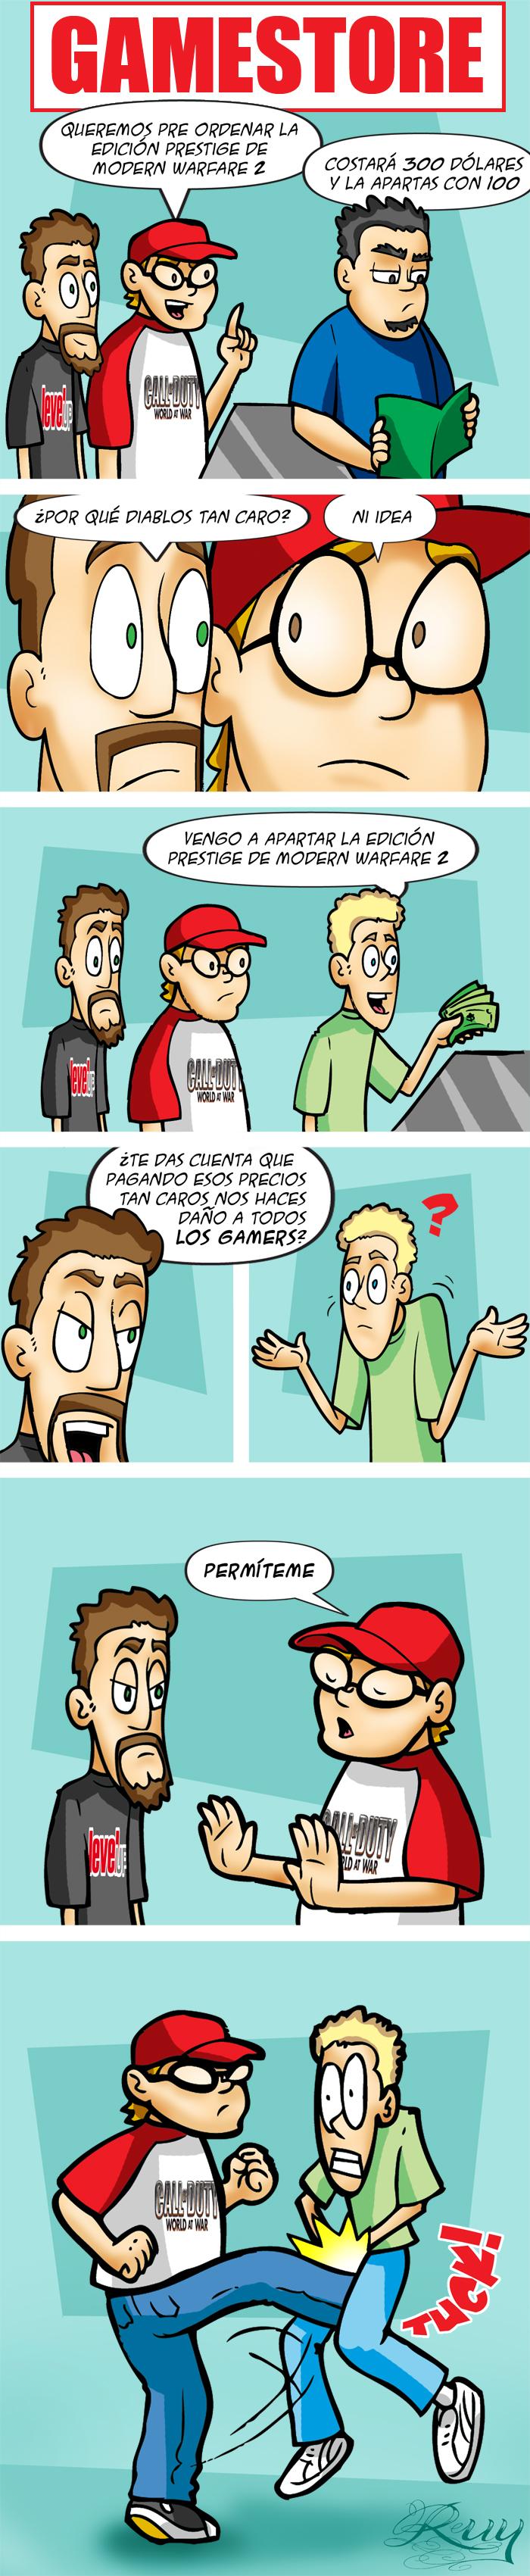 Problemas modernos